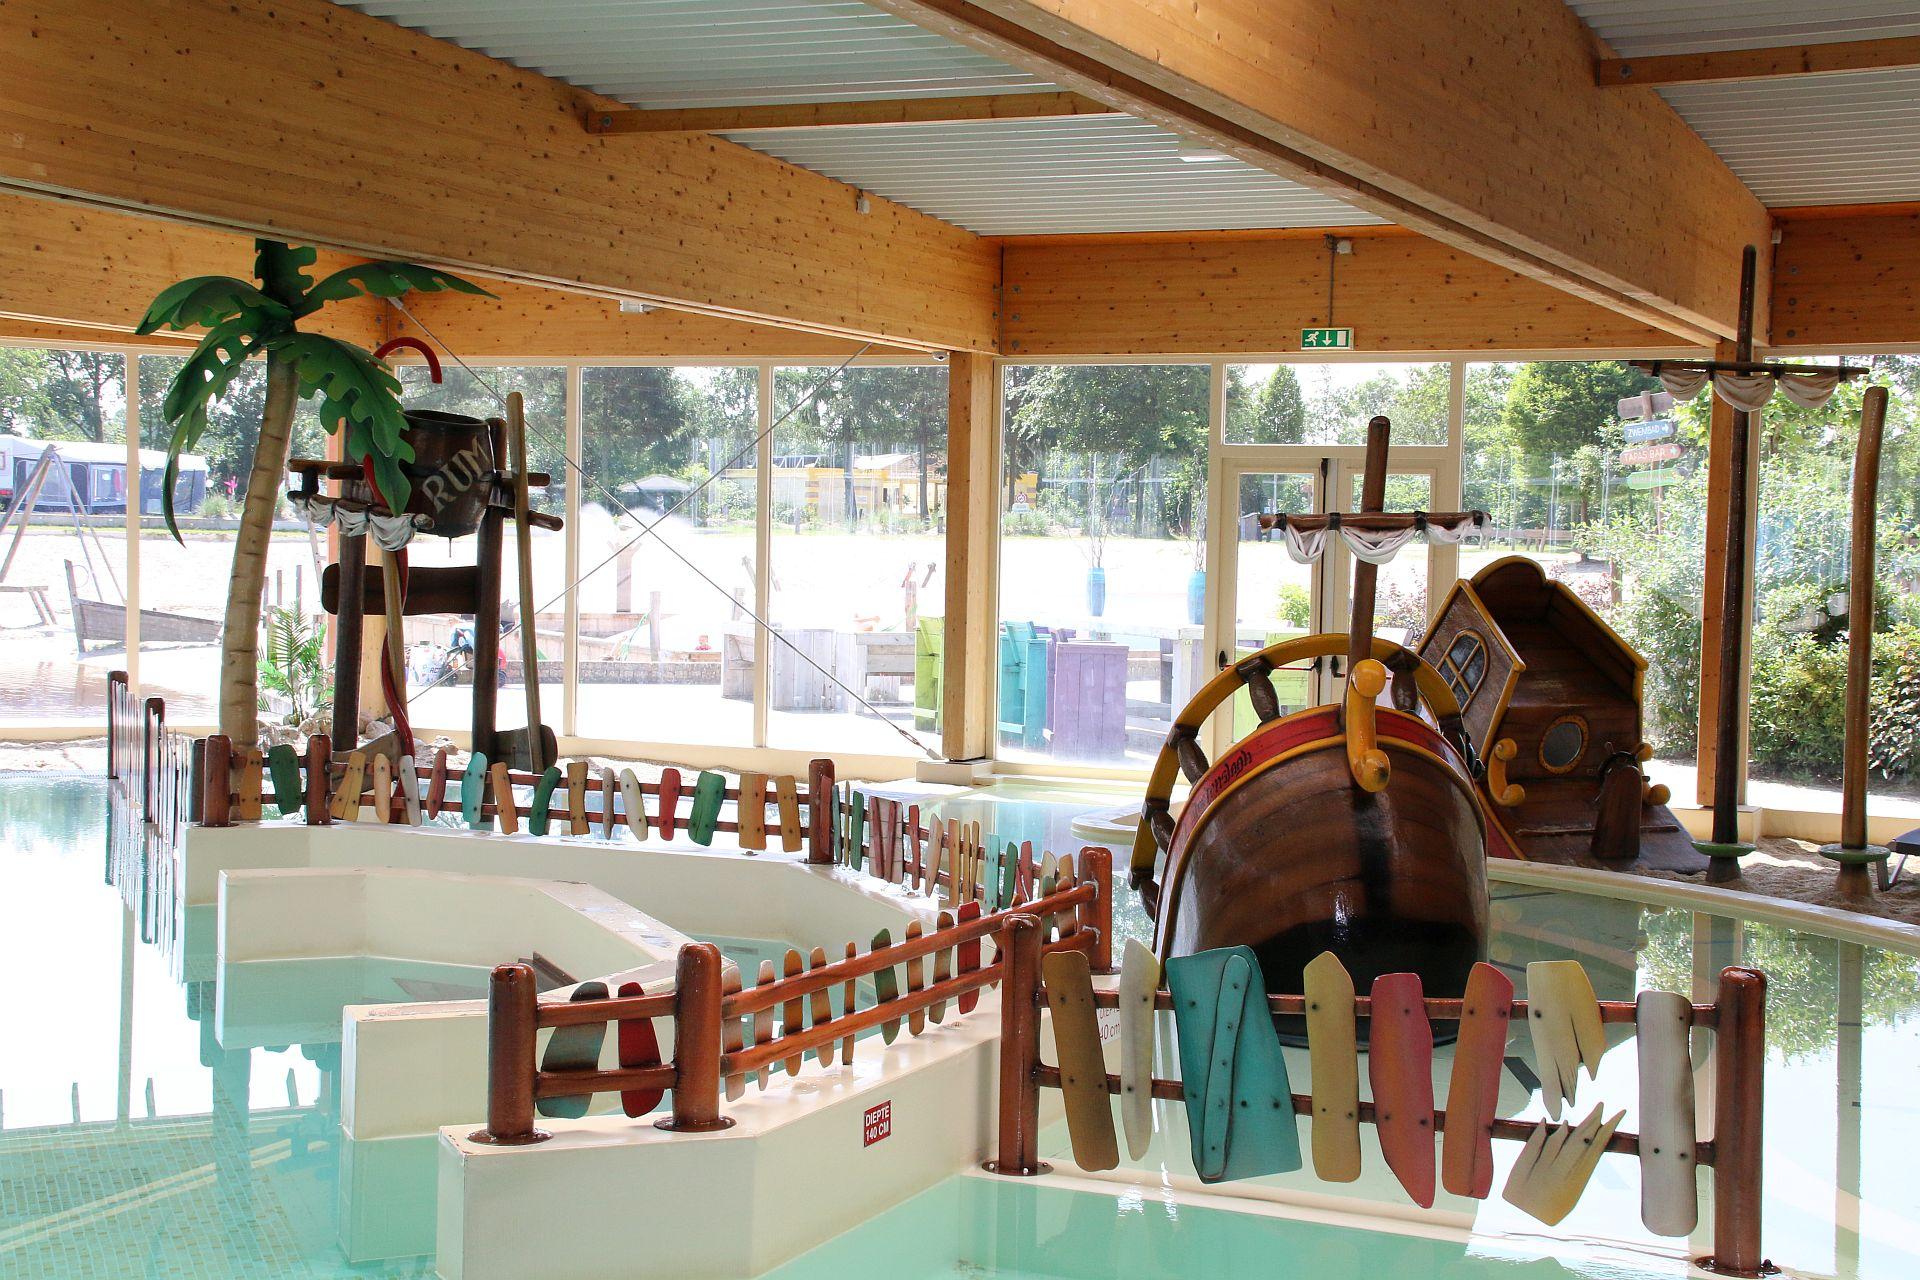 Chalet plaatsen in Overijssel met veel voorzieningen - Chalet plaatsen in Overijssel